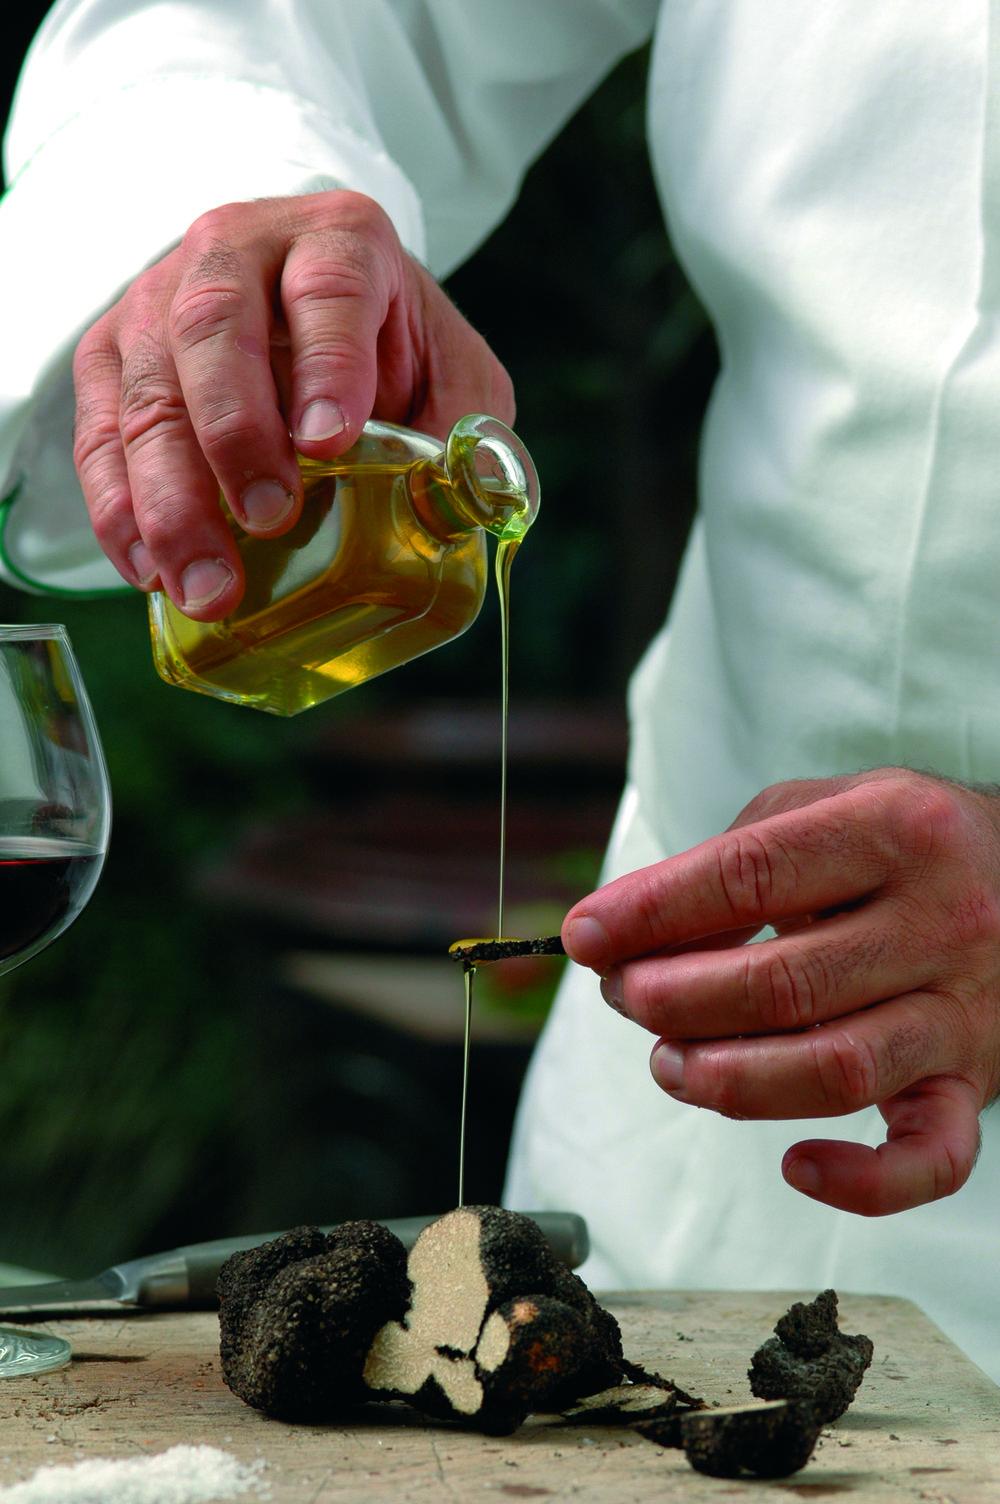 Truffe et huile - Truffle and oil.jpg